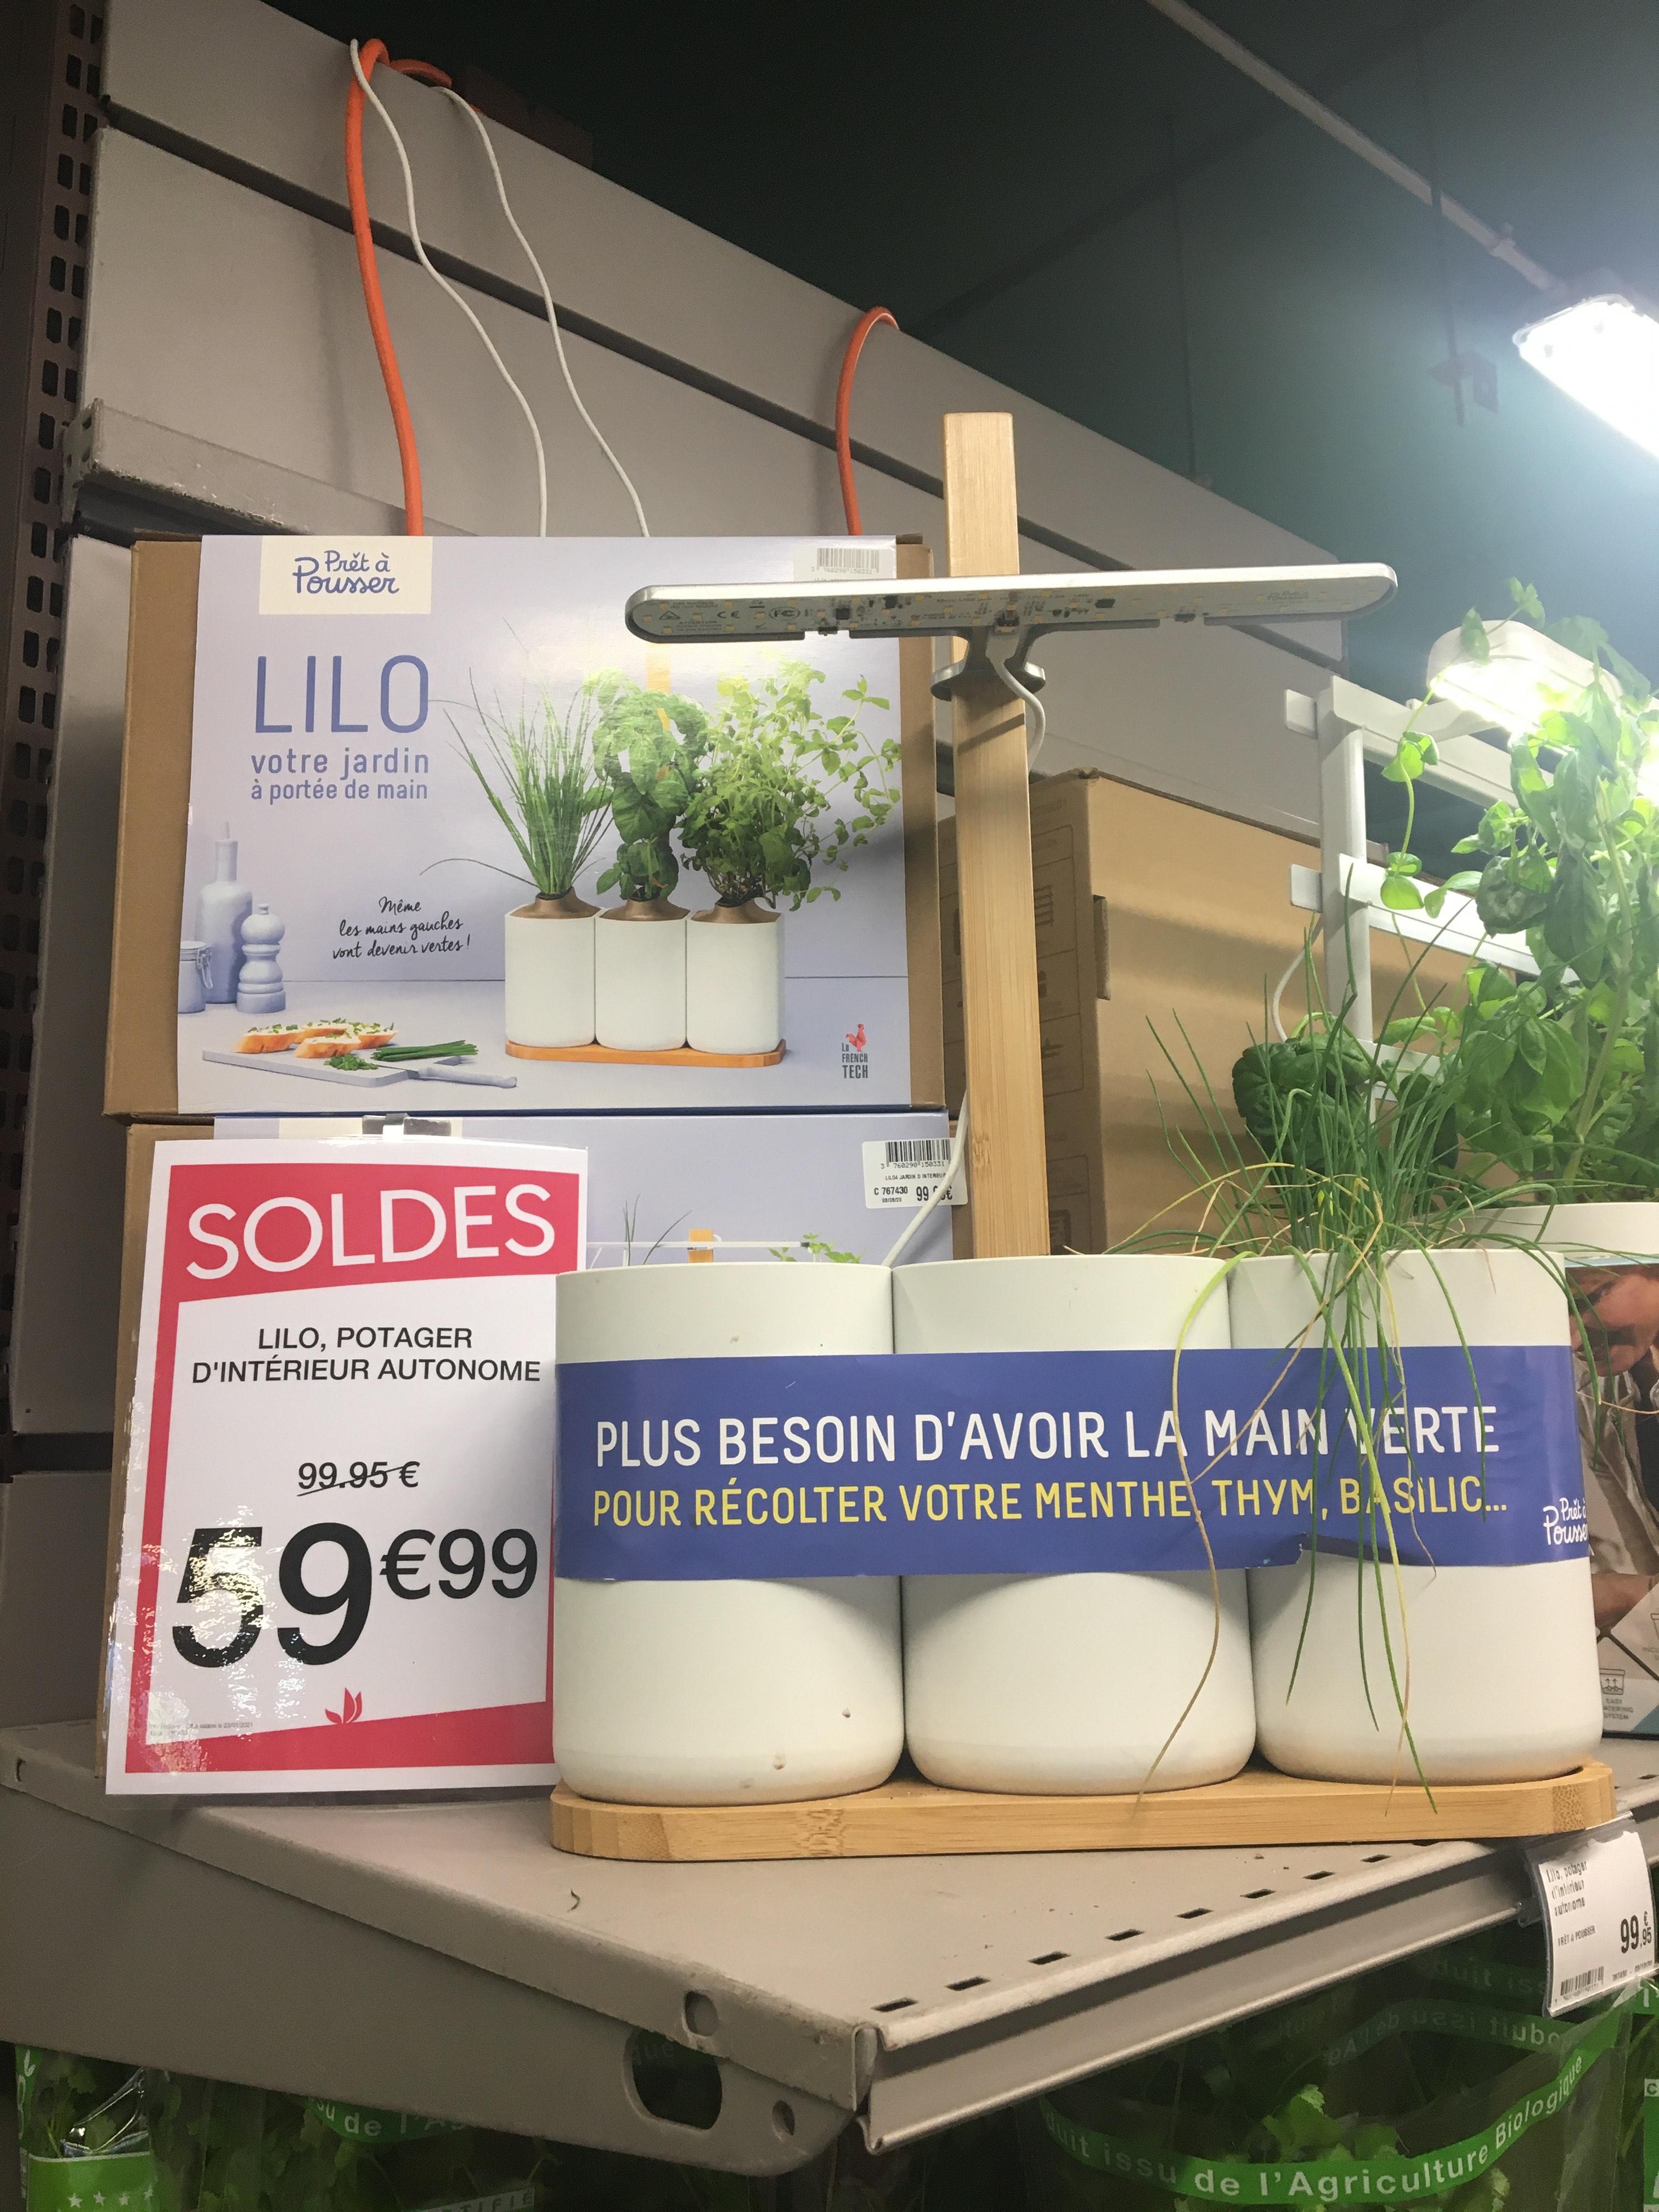 Sélection de portage d'intérieur (Ex: Lilo potager prêt à pousser) - Velizy (78)